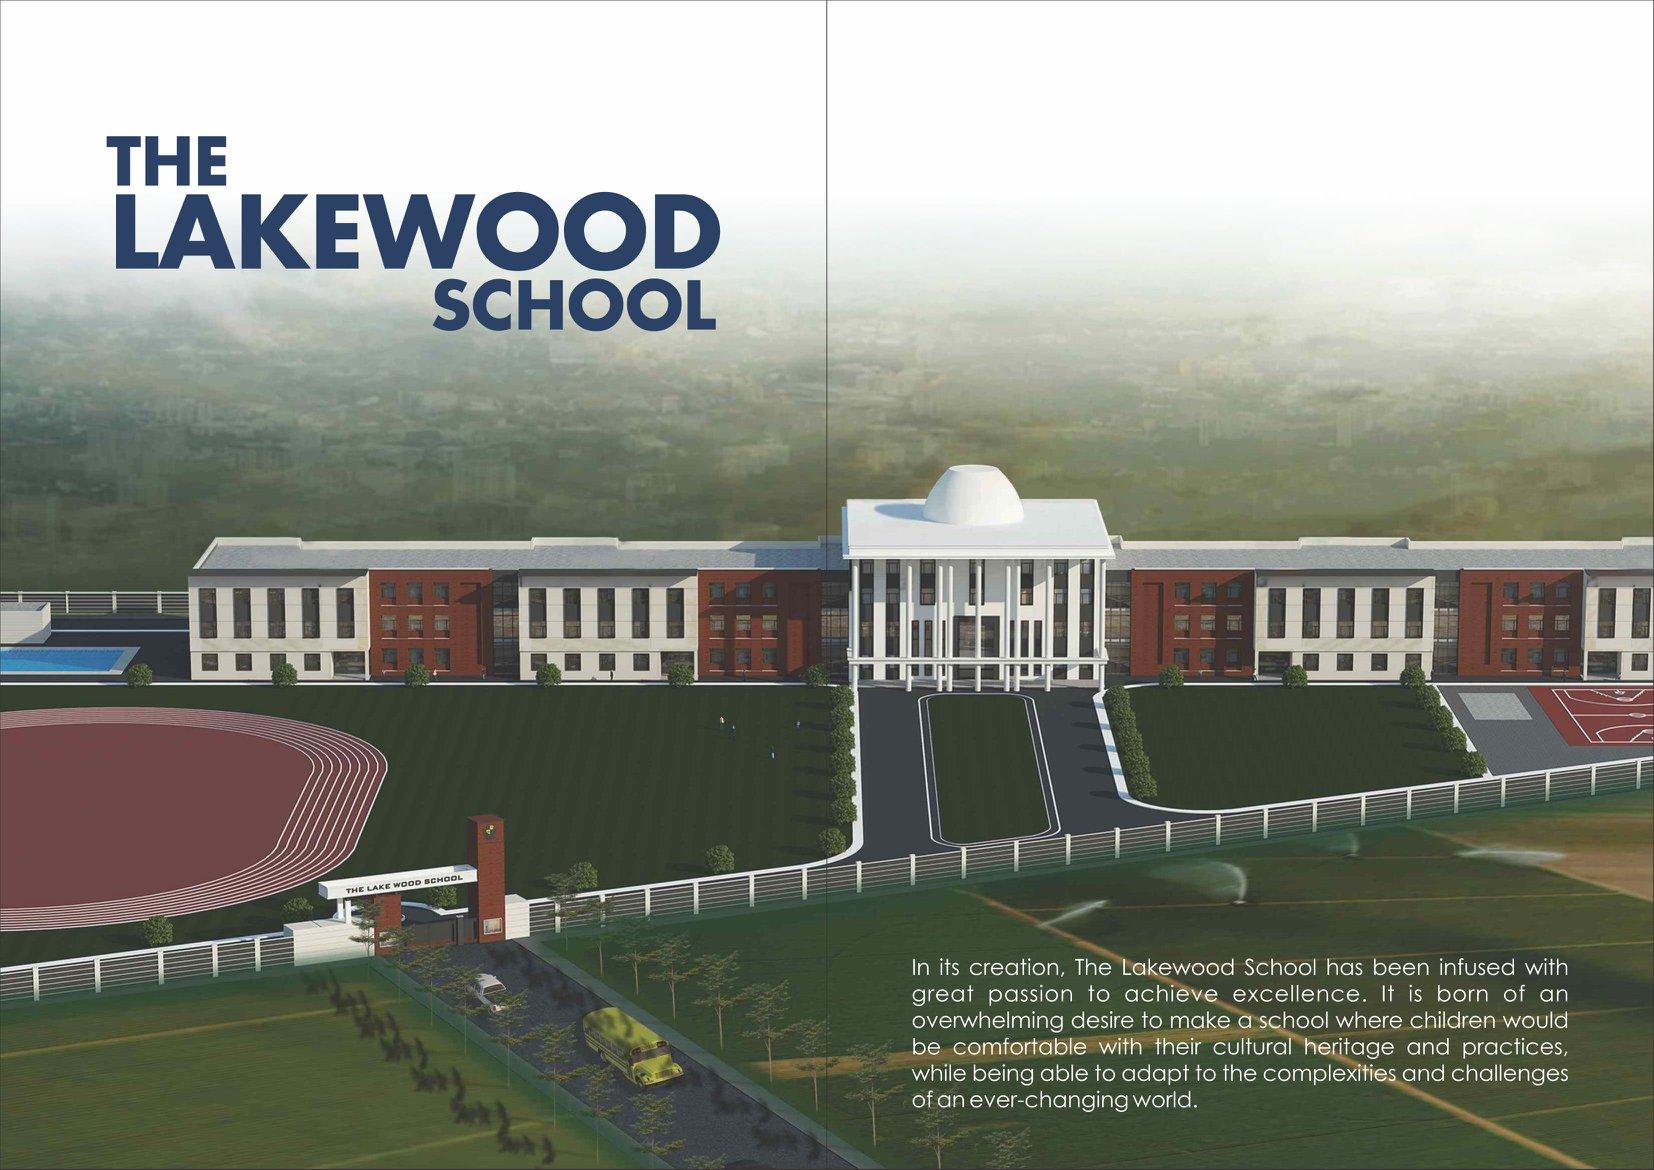 The Lakewood School